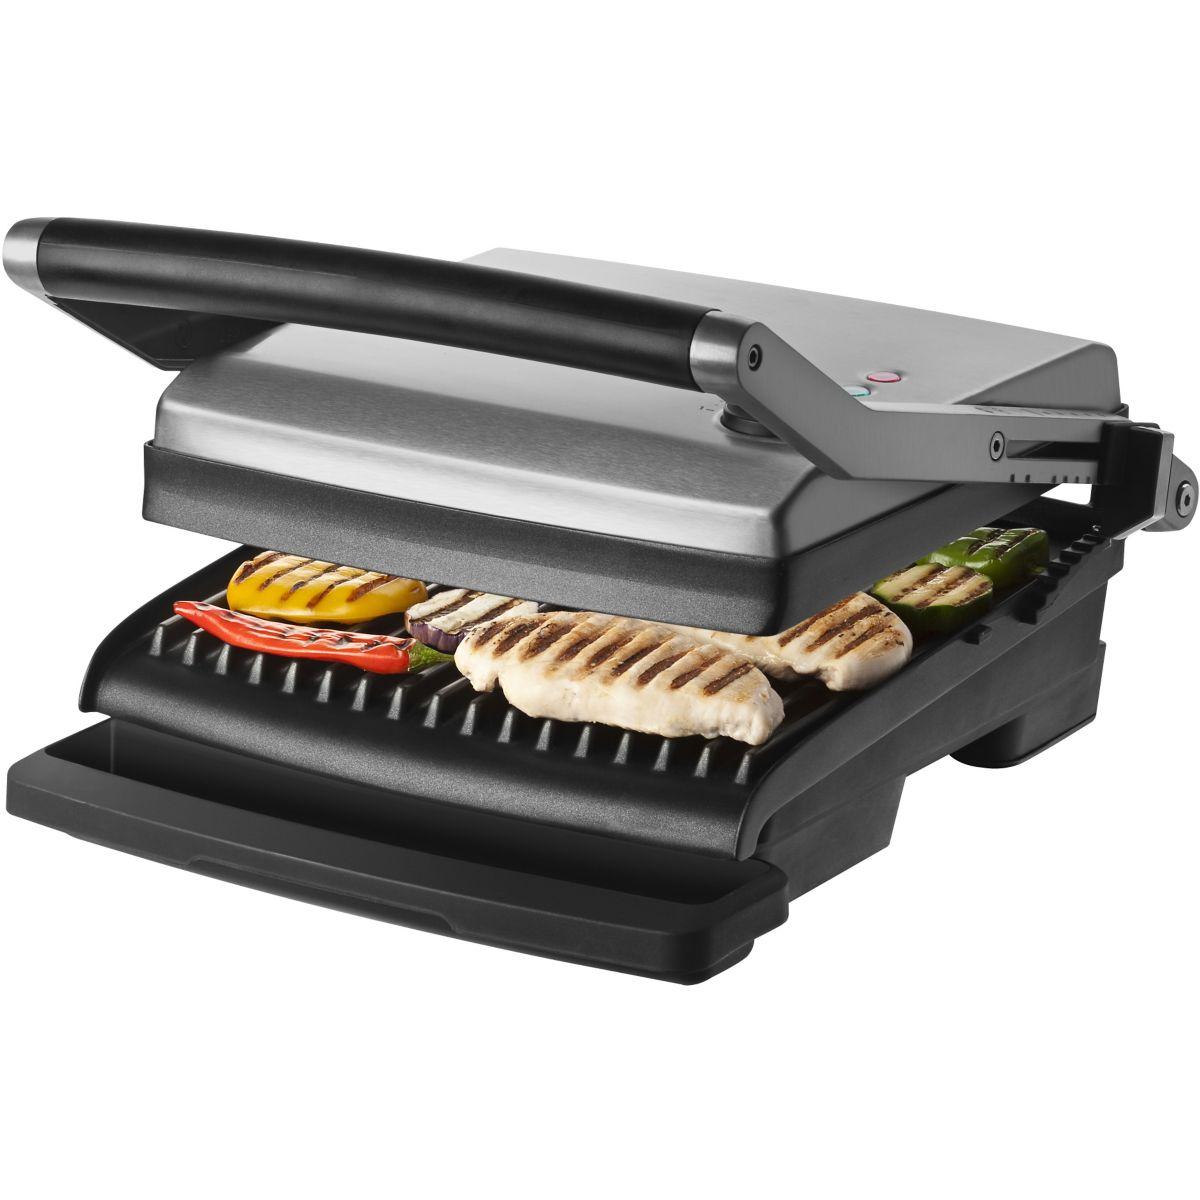 Grill cuisson viande - Grill viande tefal gc3050 ...